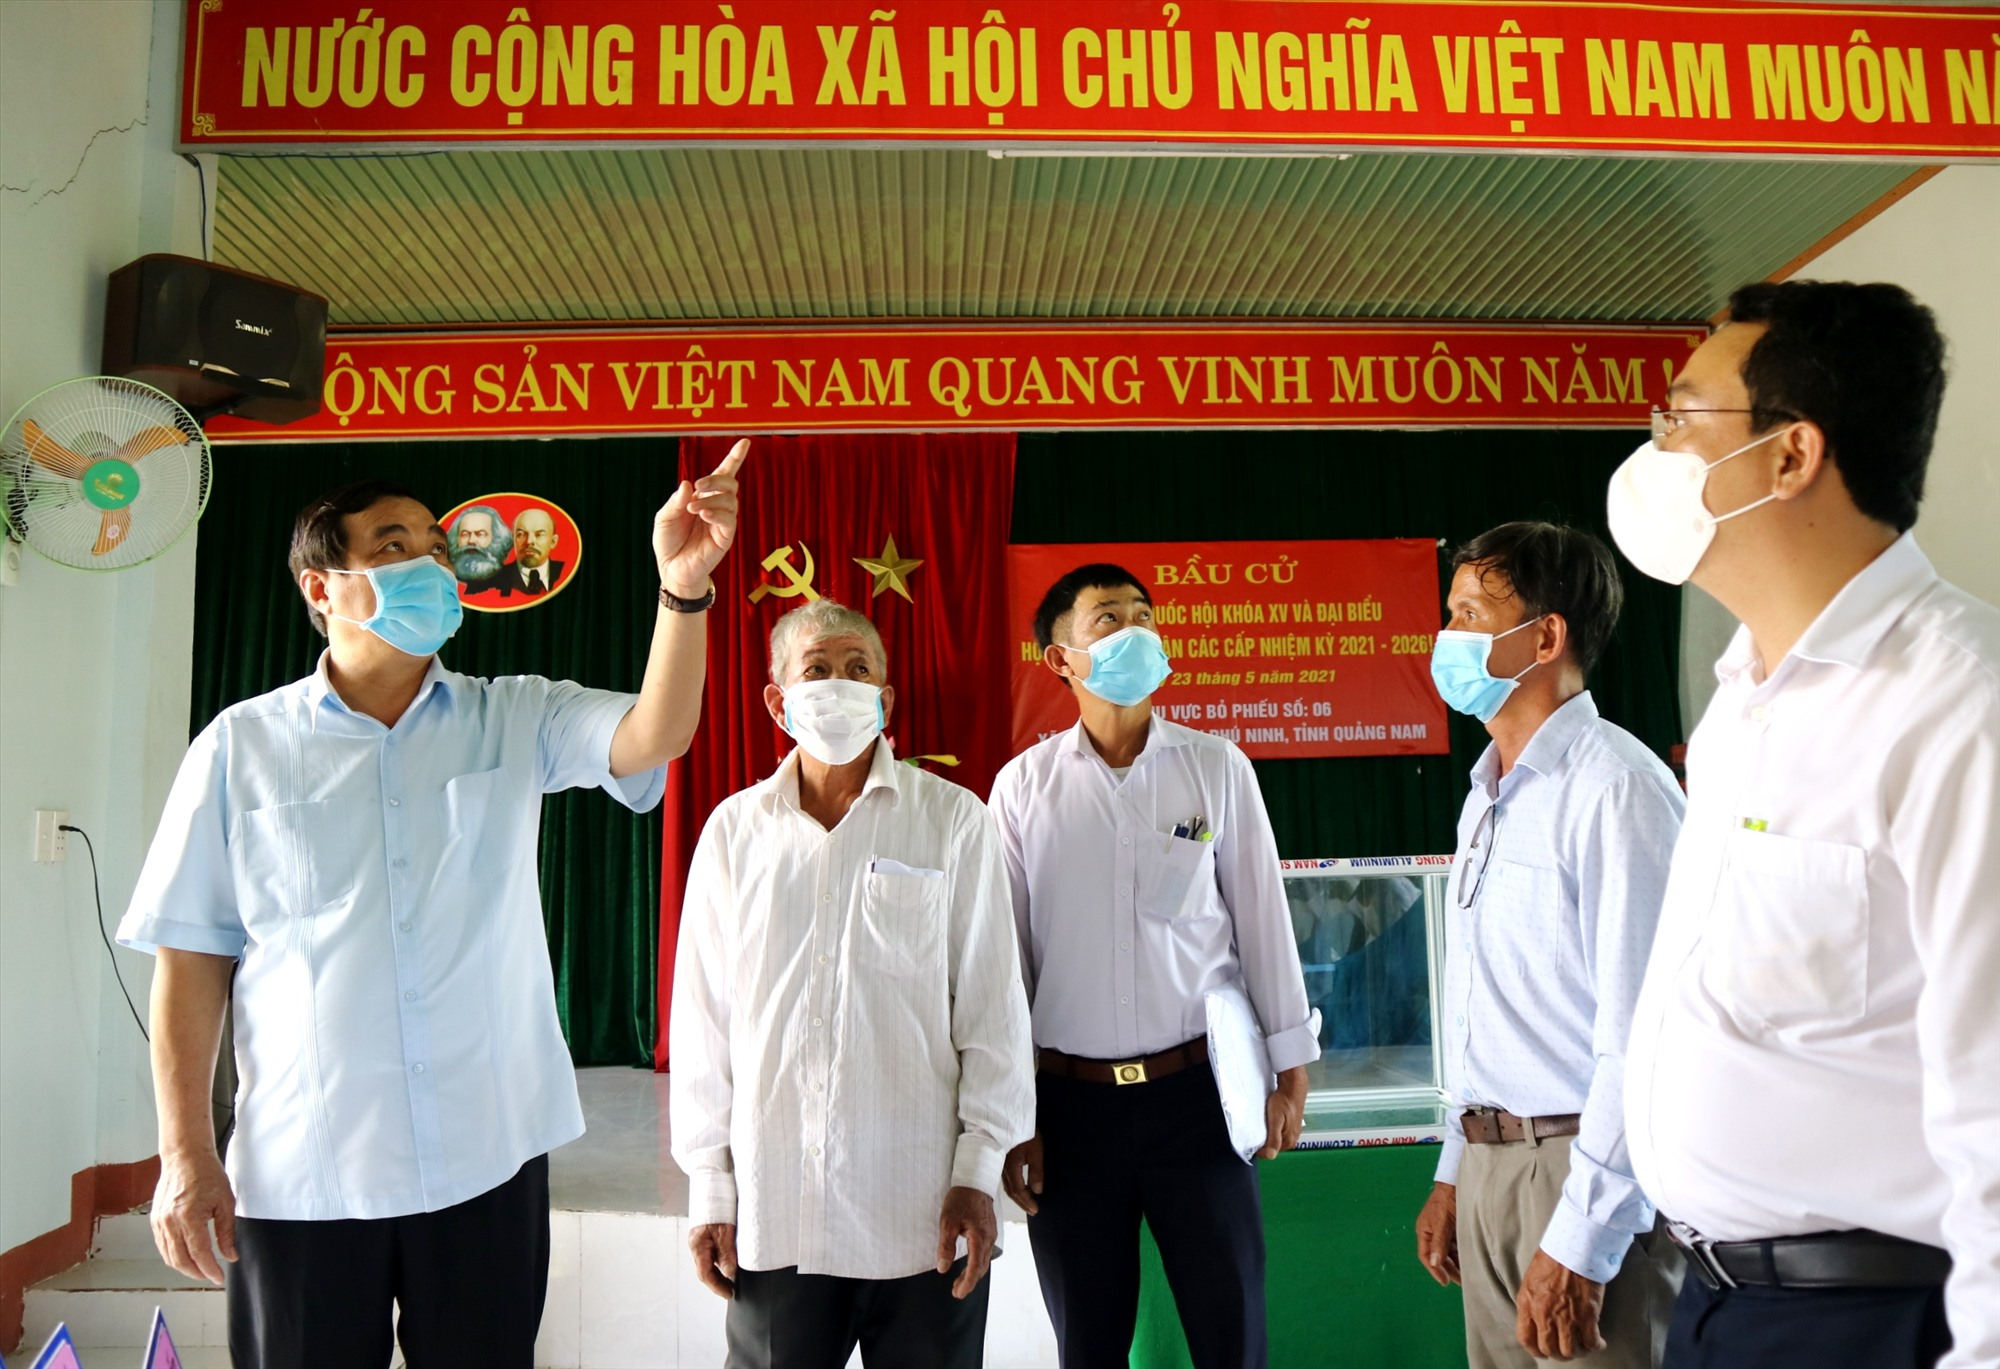 Bí thư Tỉnh ủy Phan Việt Cường lưu ý bên cạnh cần tổng dọn vệ sinh sạch sẽ, cần đảm bảo an toàn phòng chống dịch Covid-19 tại các điểm bỏ phiếu. Ảnh: A.N